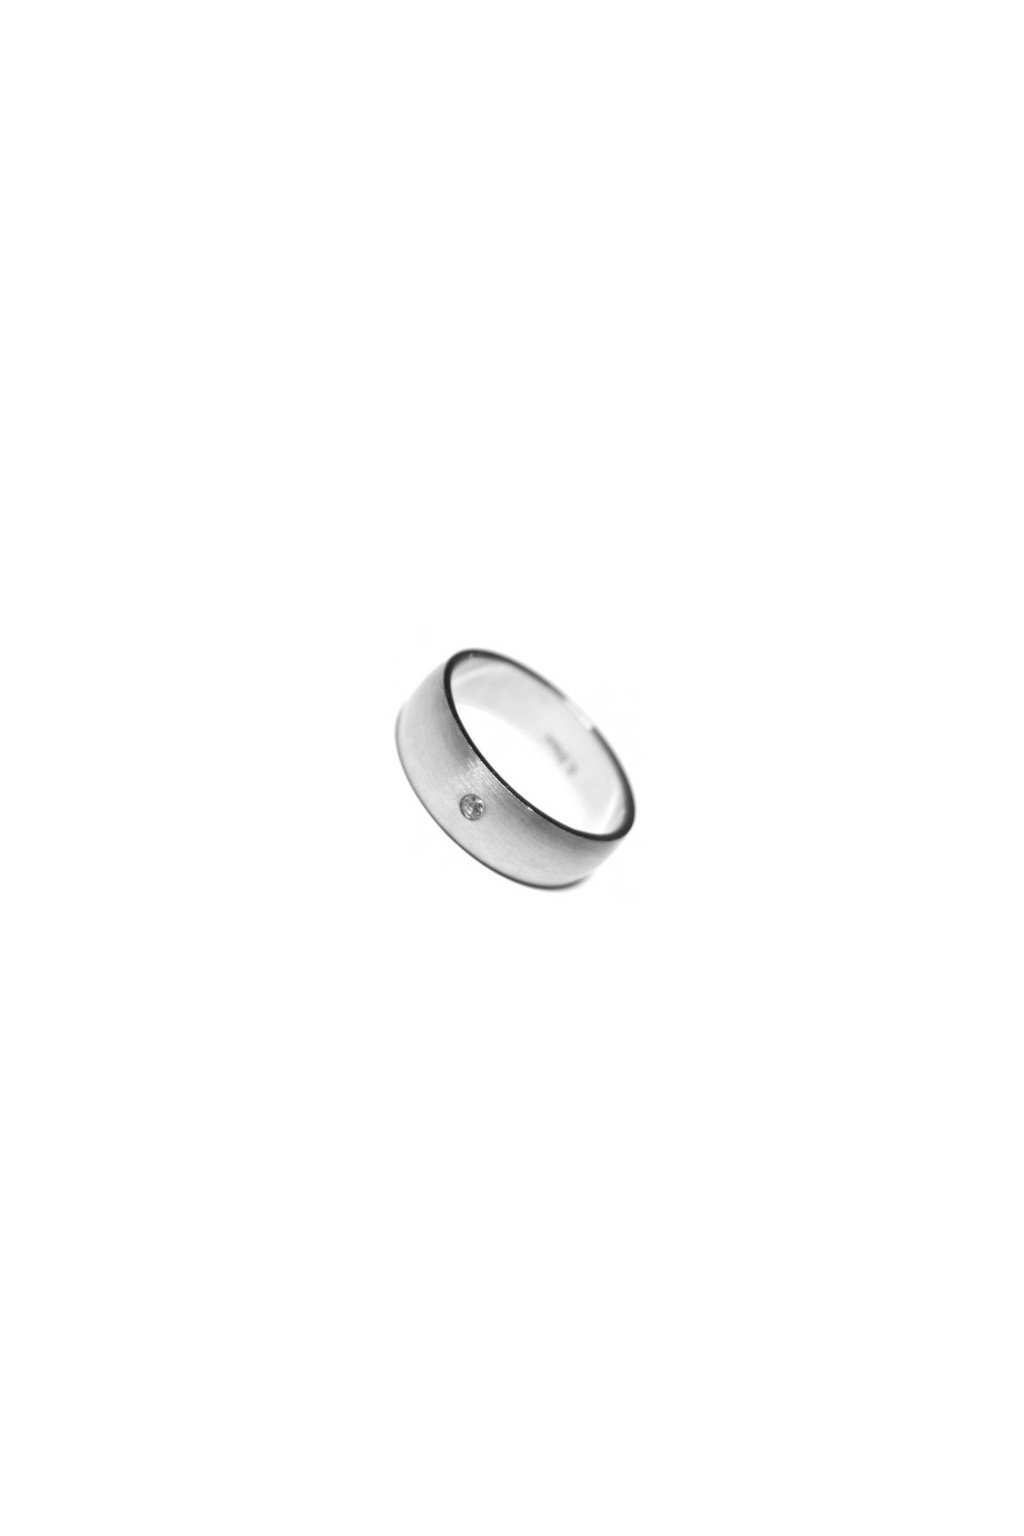 Skalimar Prsten z chirurgické oceli MATNÝ KROUŽEK S DROBNÝM KŘIŠŤÁLKEM 212054